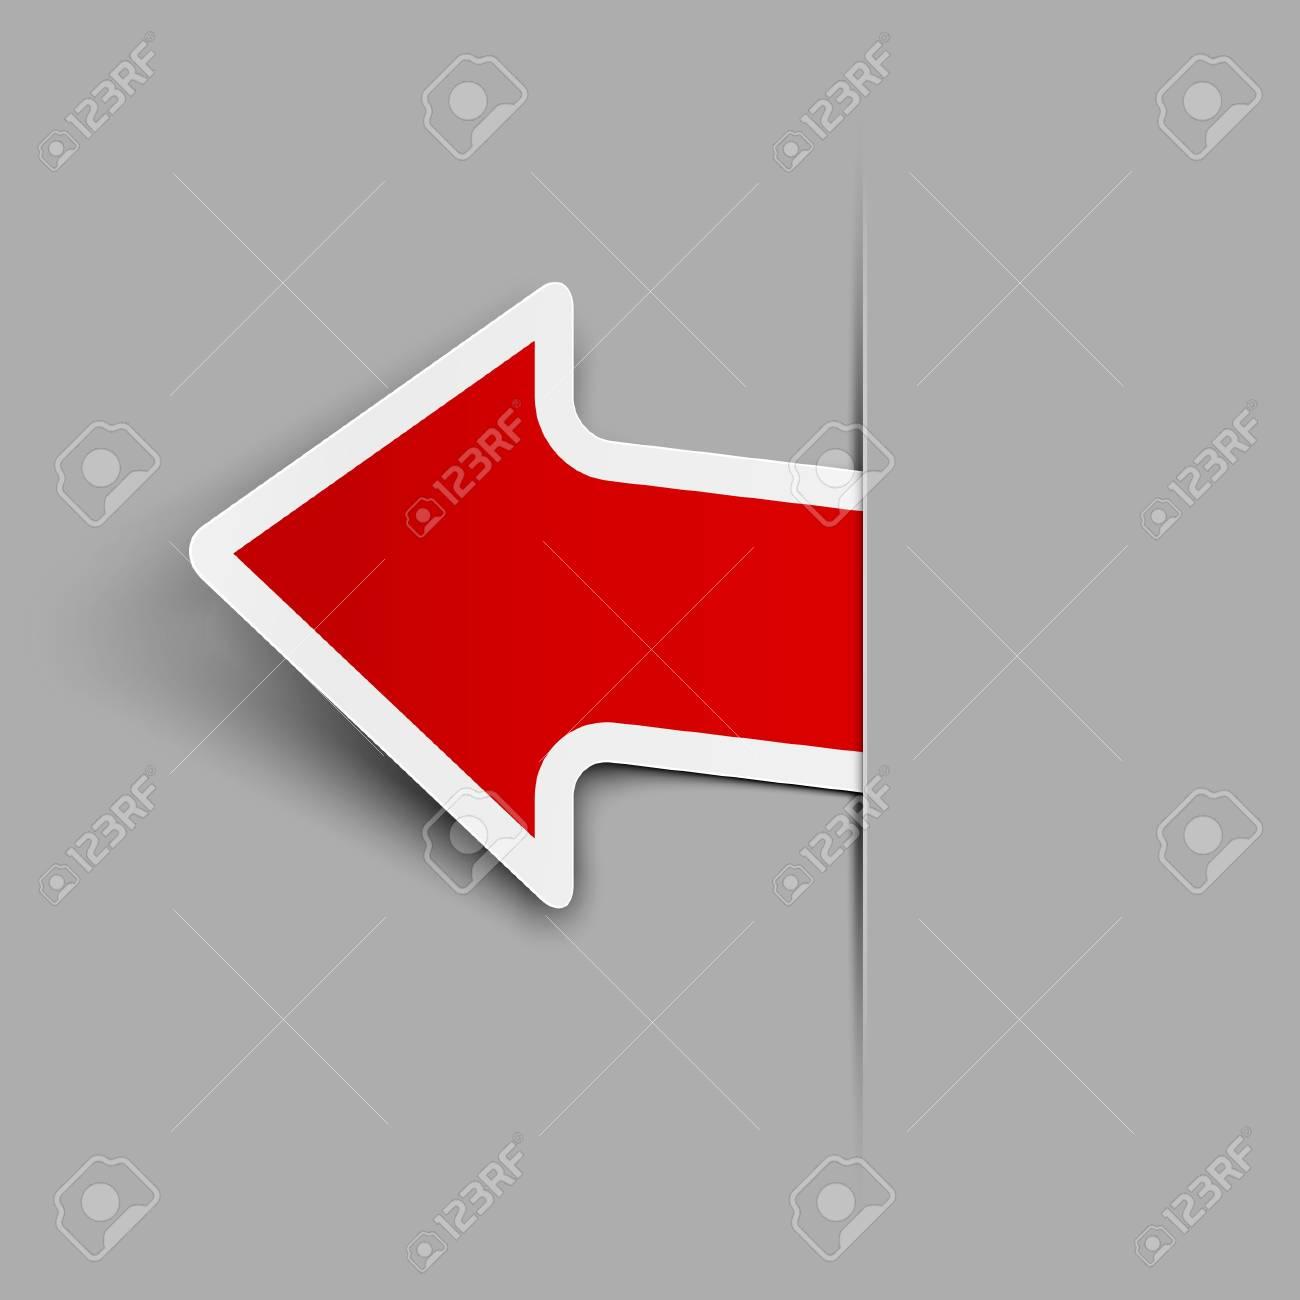 Sticker. Vector illustration. Stock Vector - 9301862